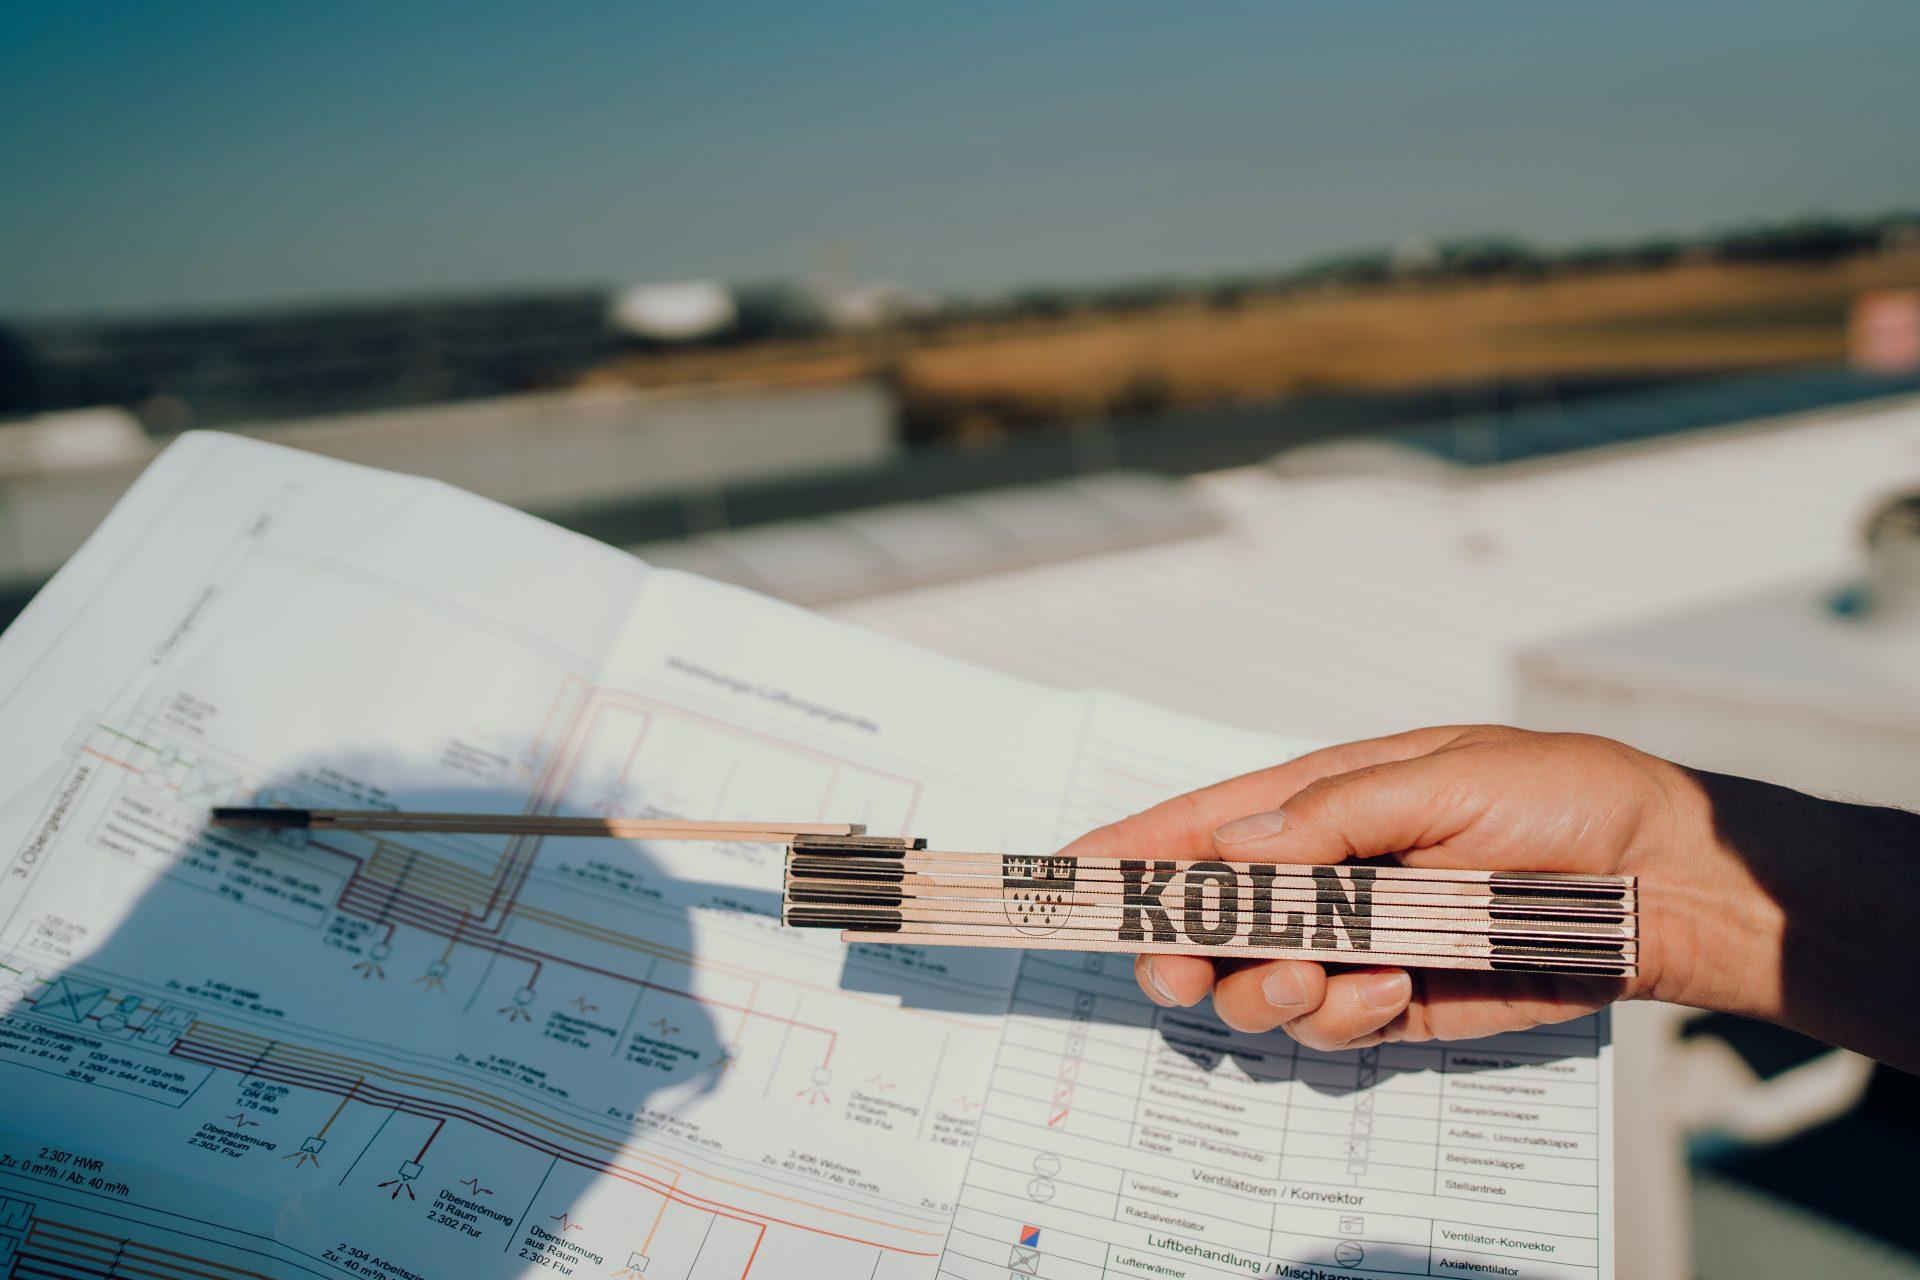 Zollstock mit Köln Aufschrift zeigt auf Bauplan